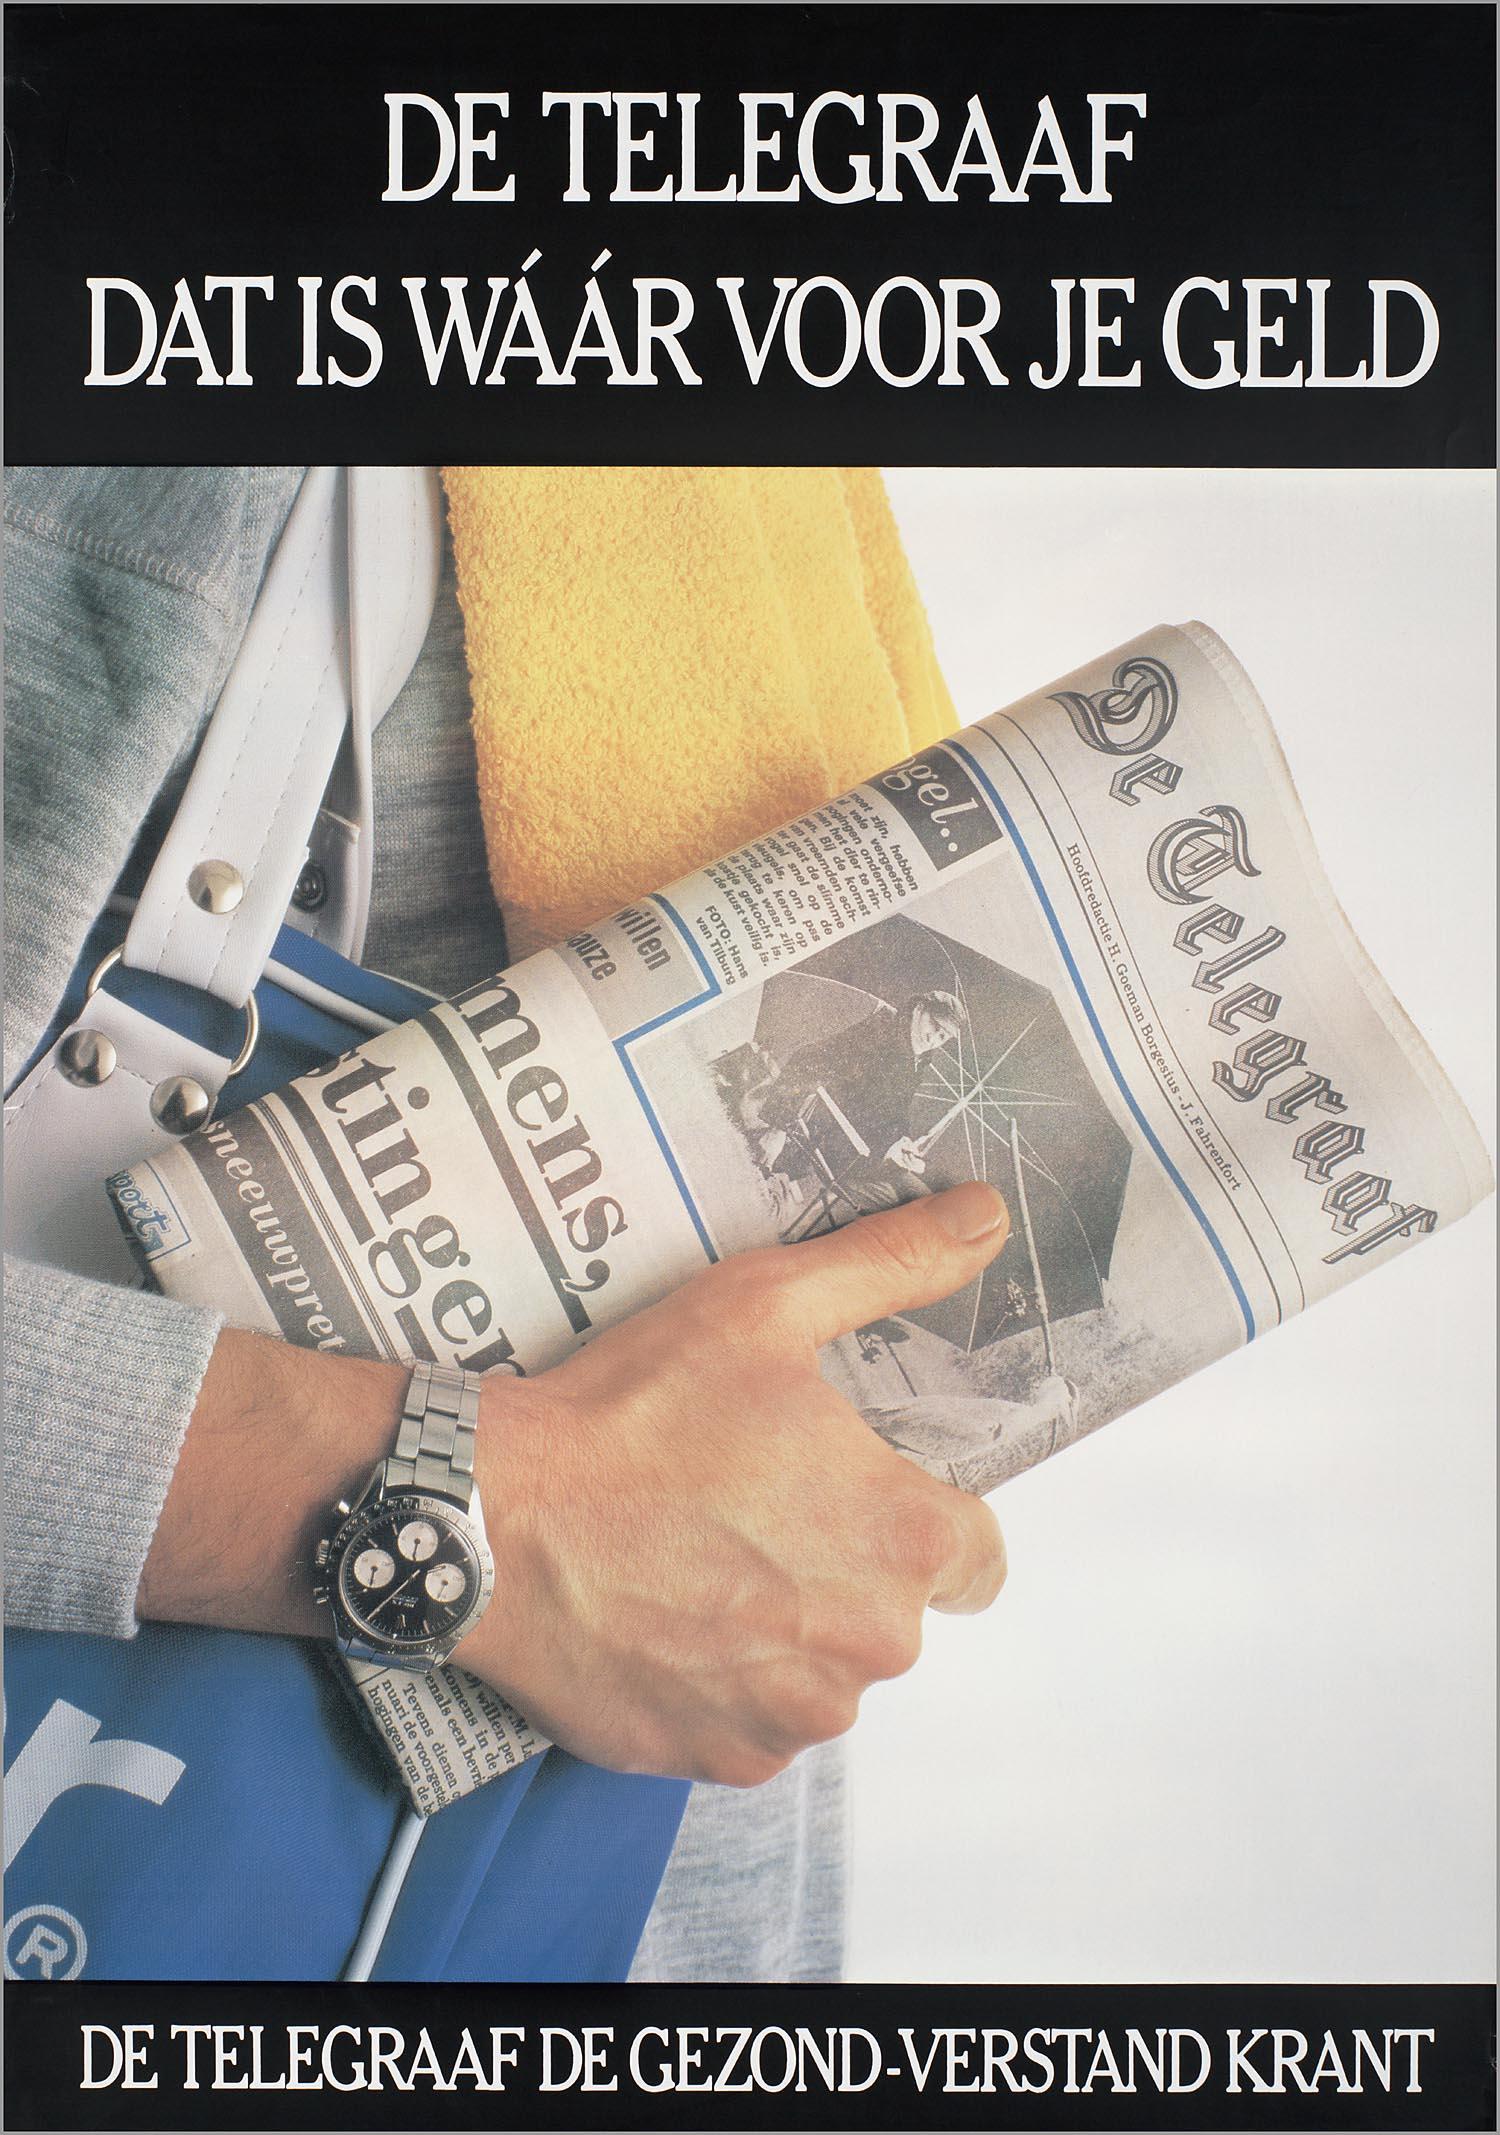 De Telegraaf Dat Is Waar Voor Je Geld De Telegraaf De Gezond Verstand Krant Het Geheugen